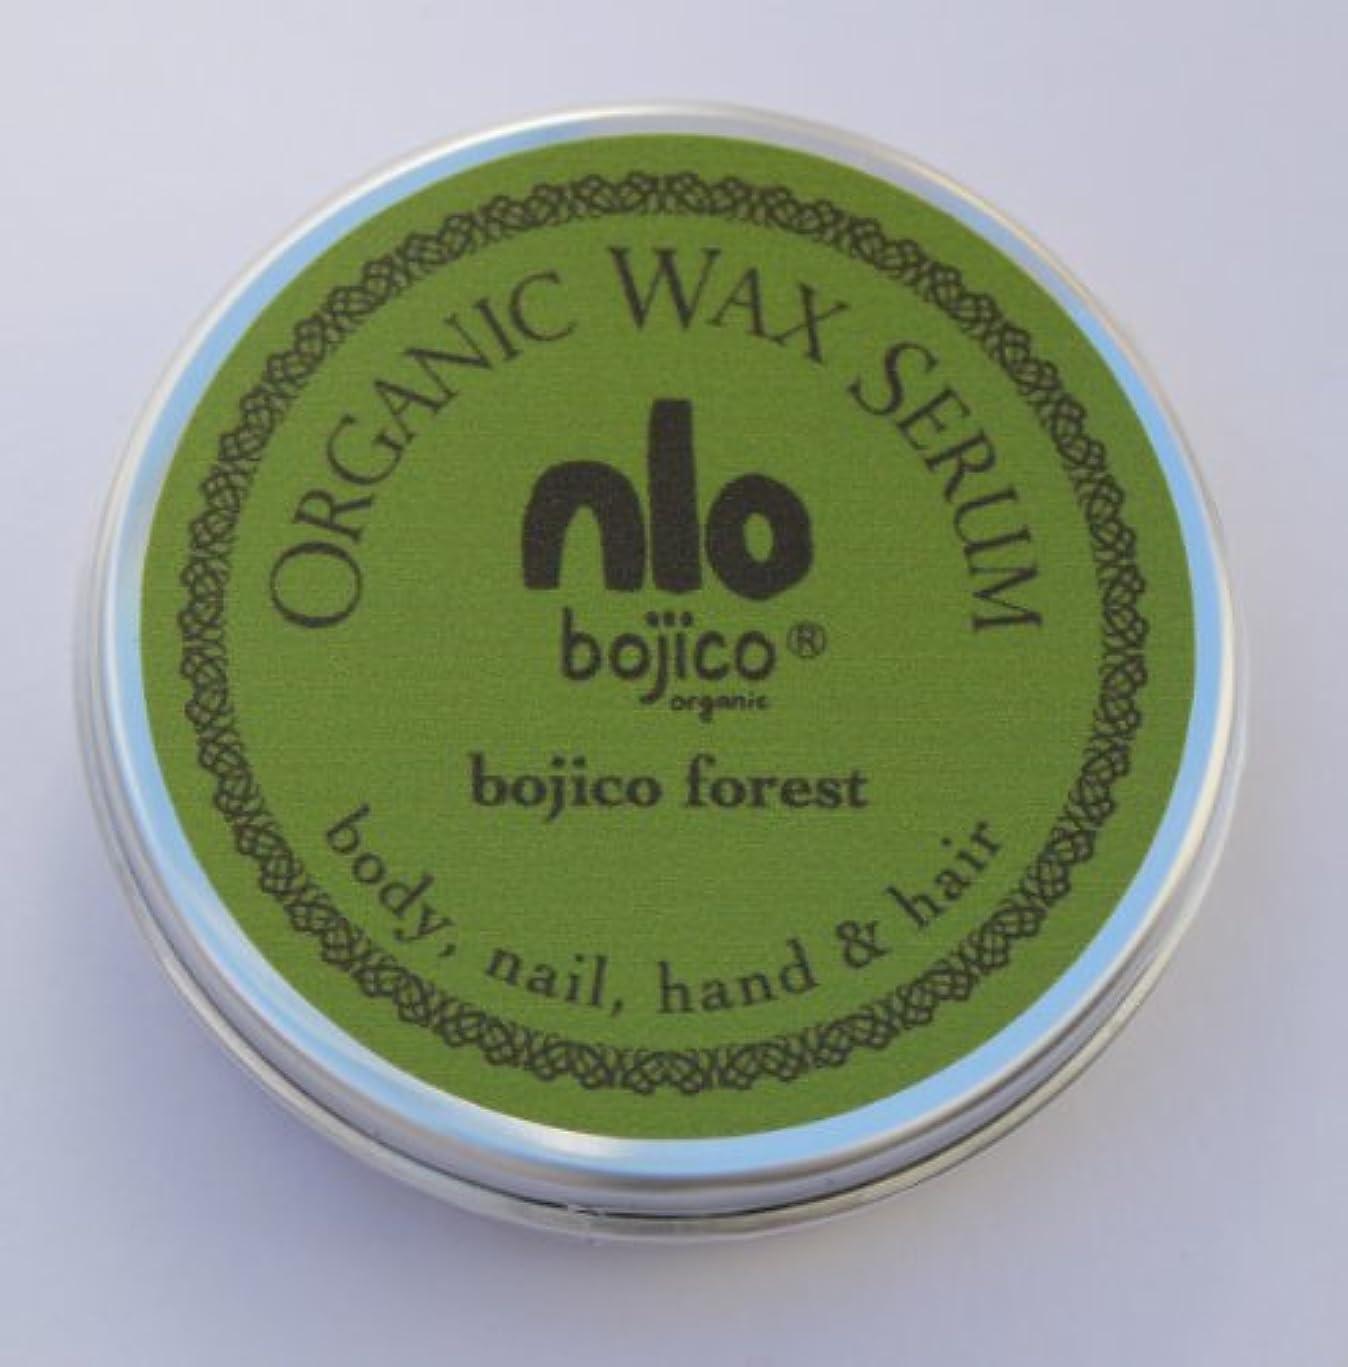 お父さんフラップ反論bojico オーガニック ワックス セラム<フォレスト> Organic Wax Serum 18g